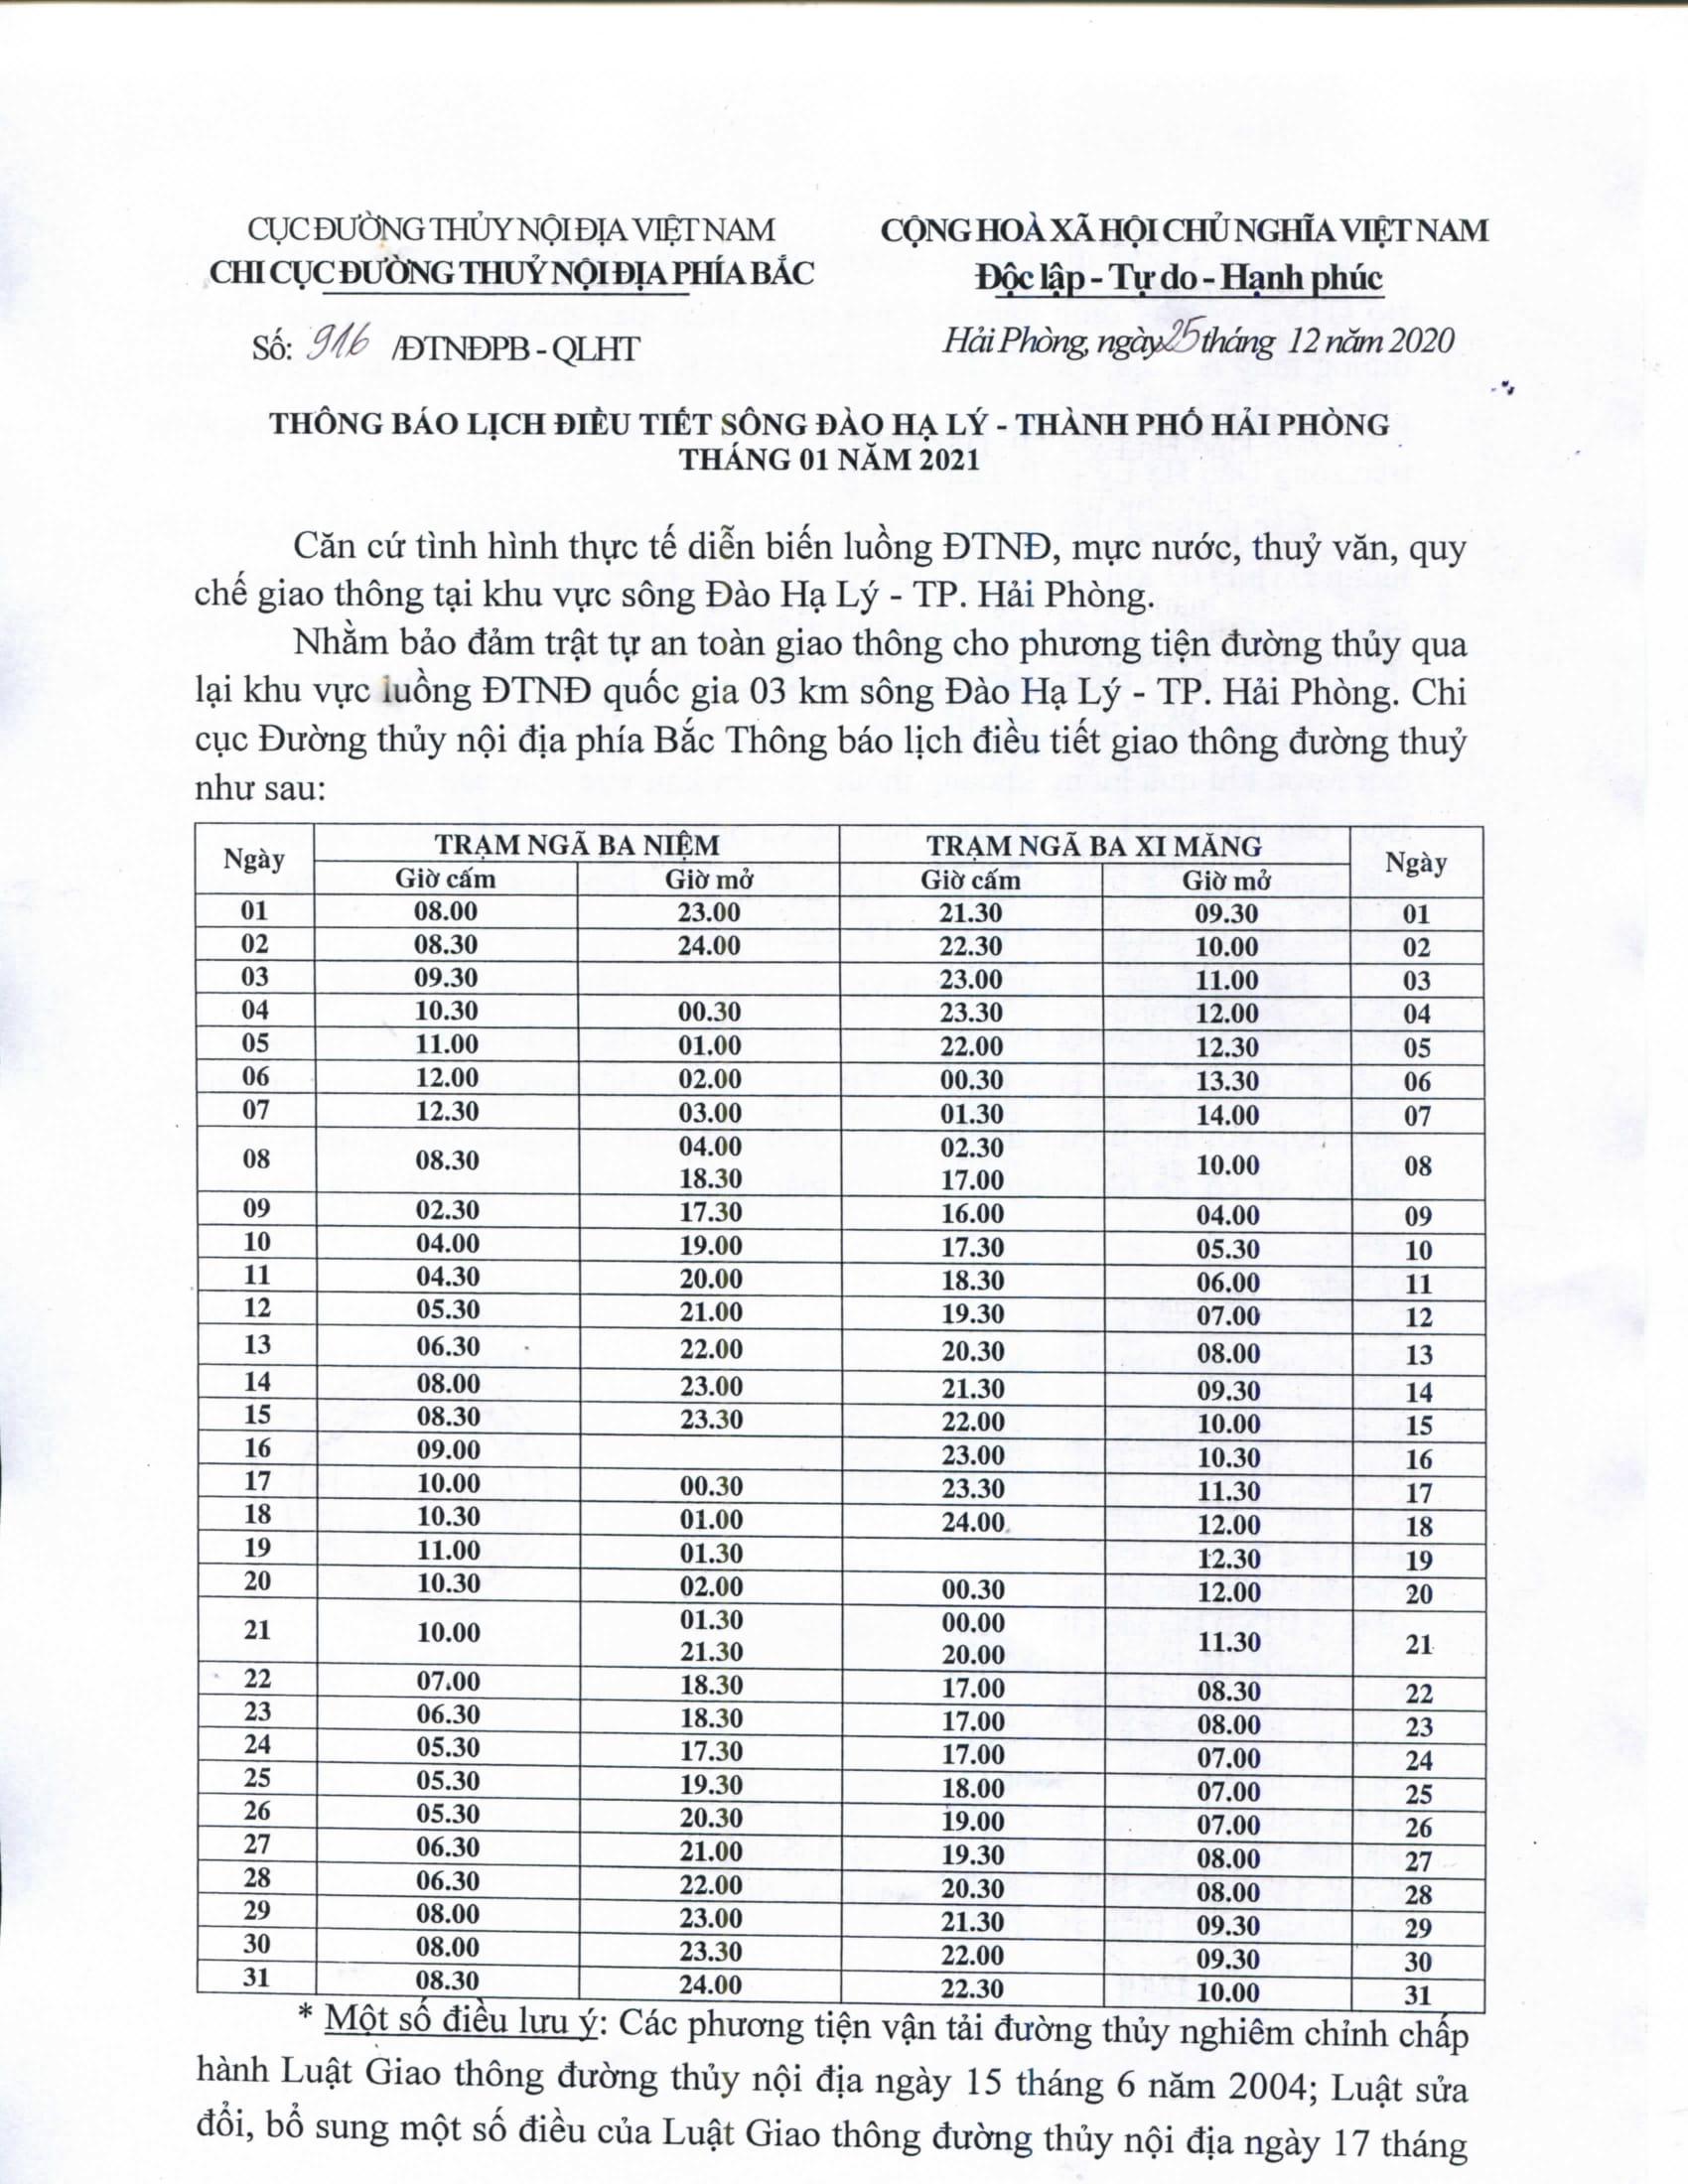 Thông báo lịch điều tiết sông Đào Hạ Lý - TP Hải Phòng tháng 01/2021